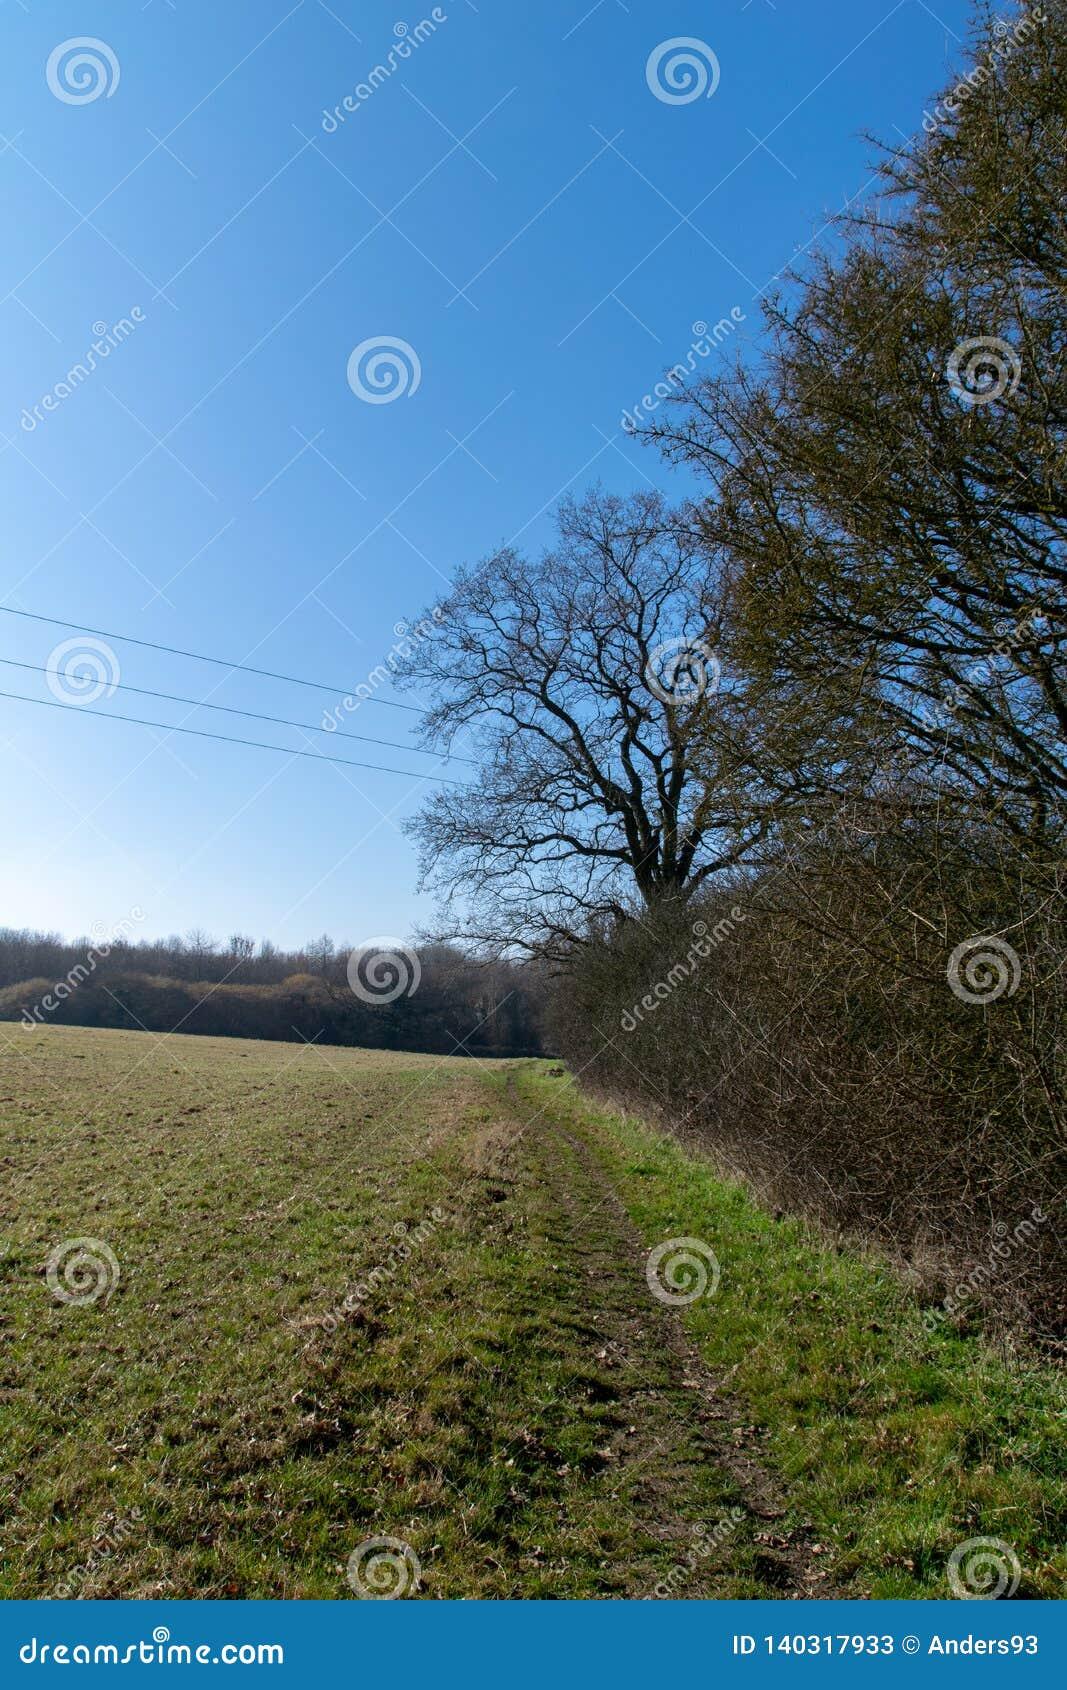 Unseasonally warmes Wetter als Jahreszeiten ändern vom Winter, um mit dem neuen Wachstum zu entspringen, das beginnt, auf Bäumen